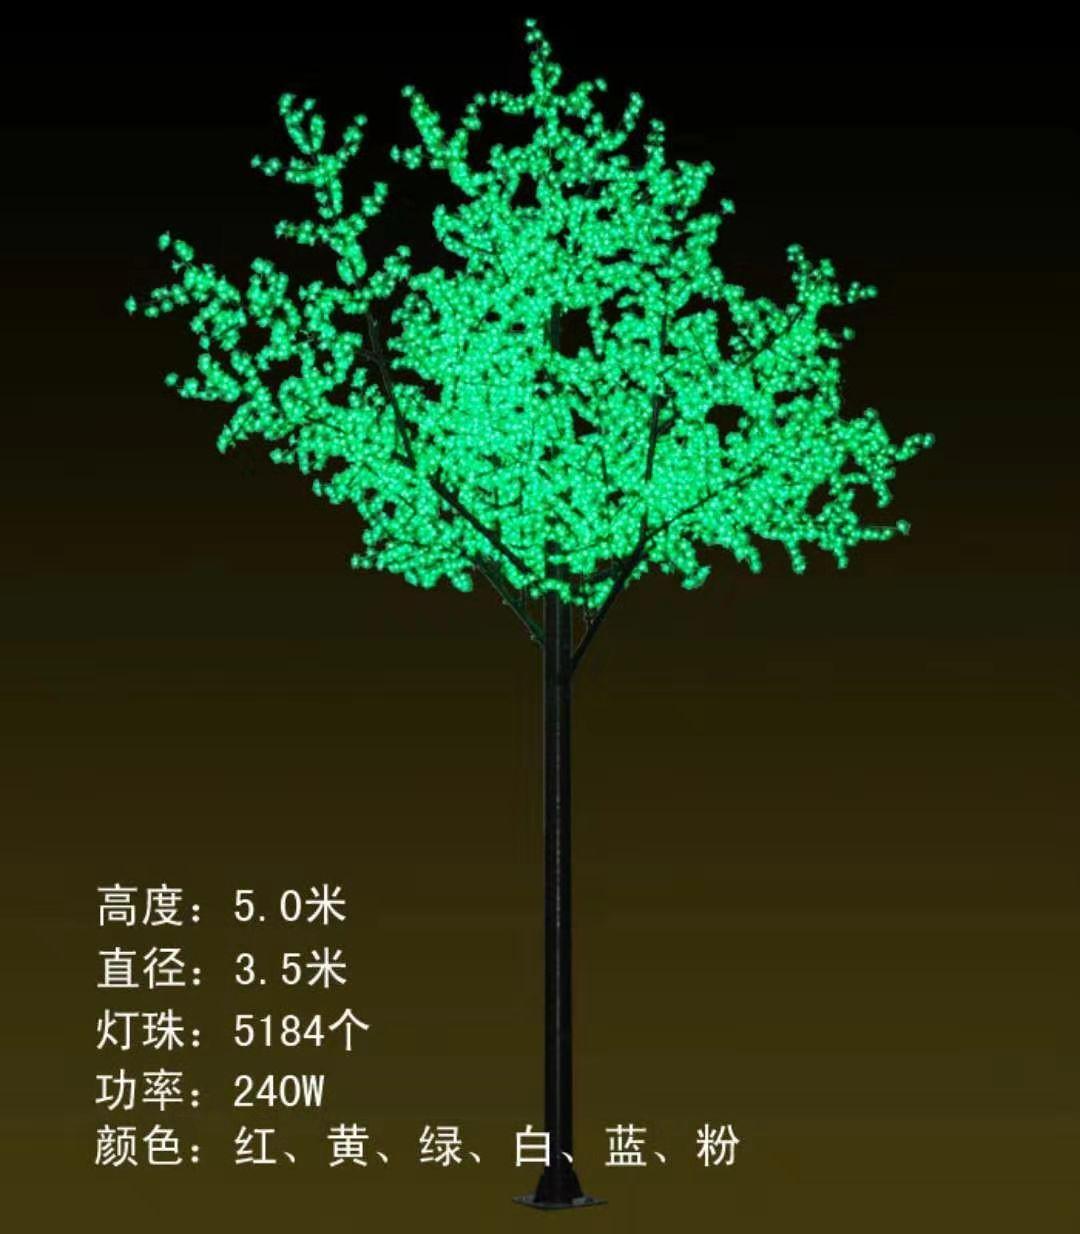 购买合格的led仿真树灯优选益庆灯饰 -假树仿真树